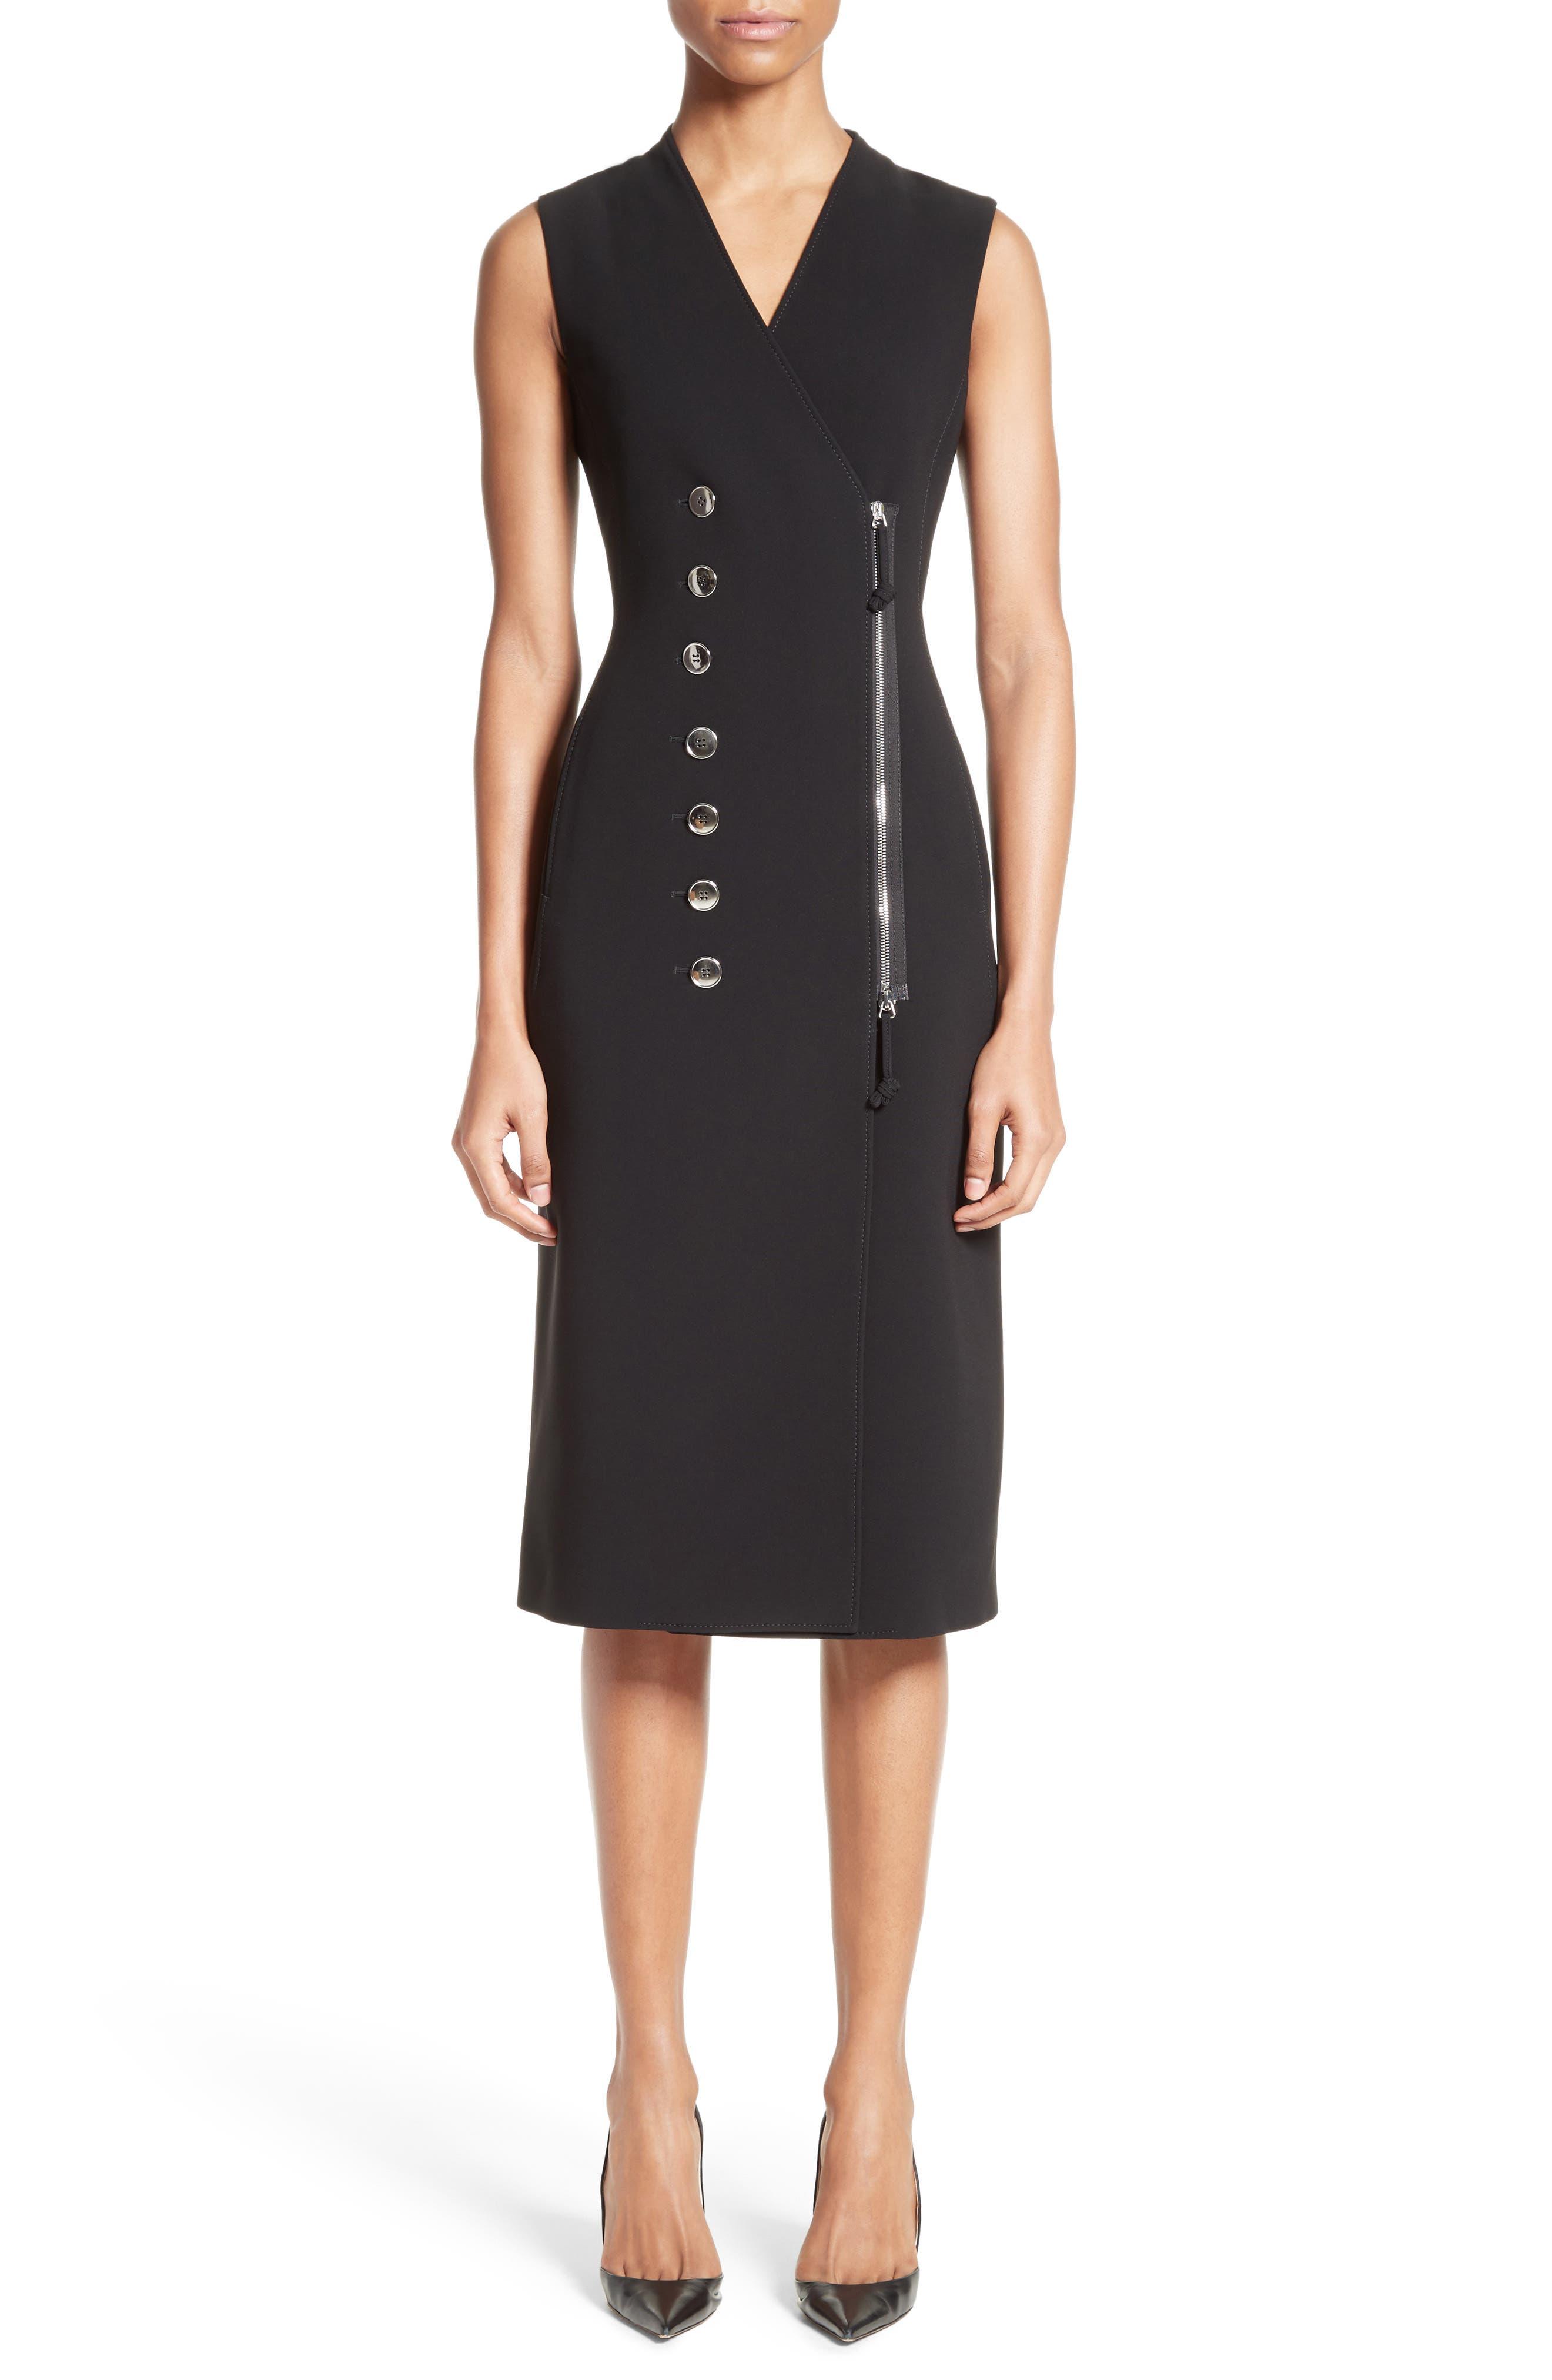 Altuzarra Lucretia Button & Zip Detail Dress